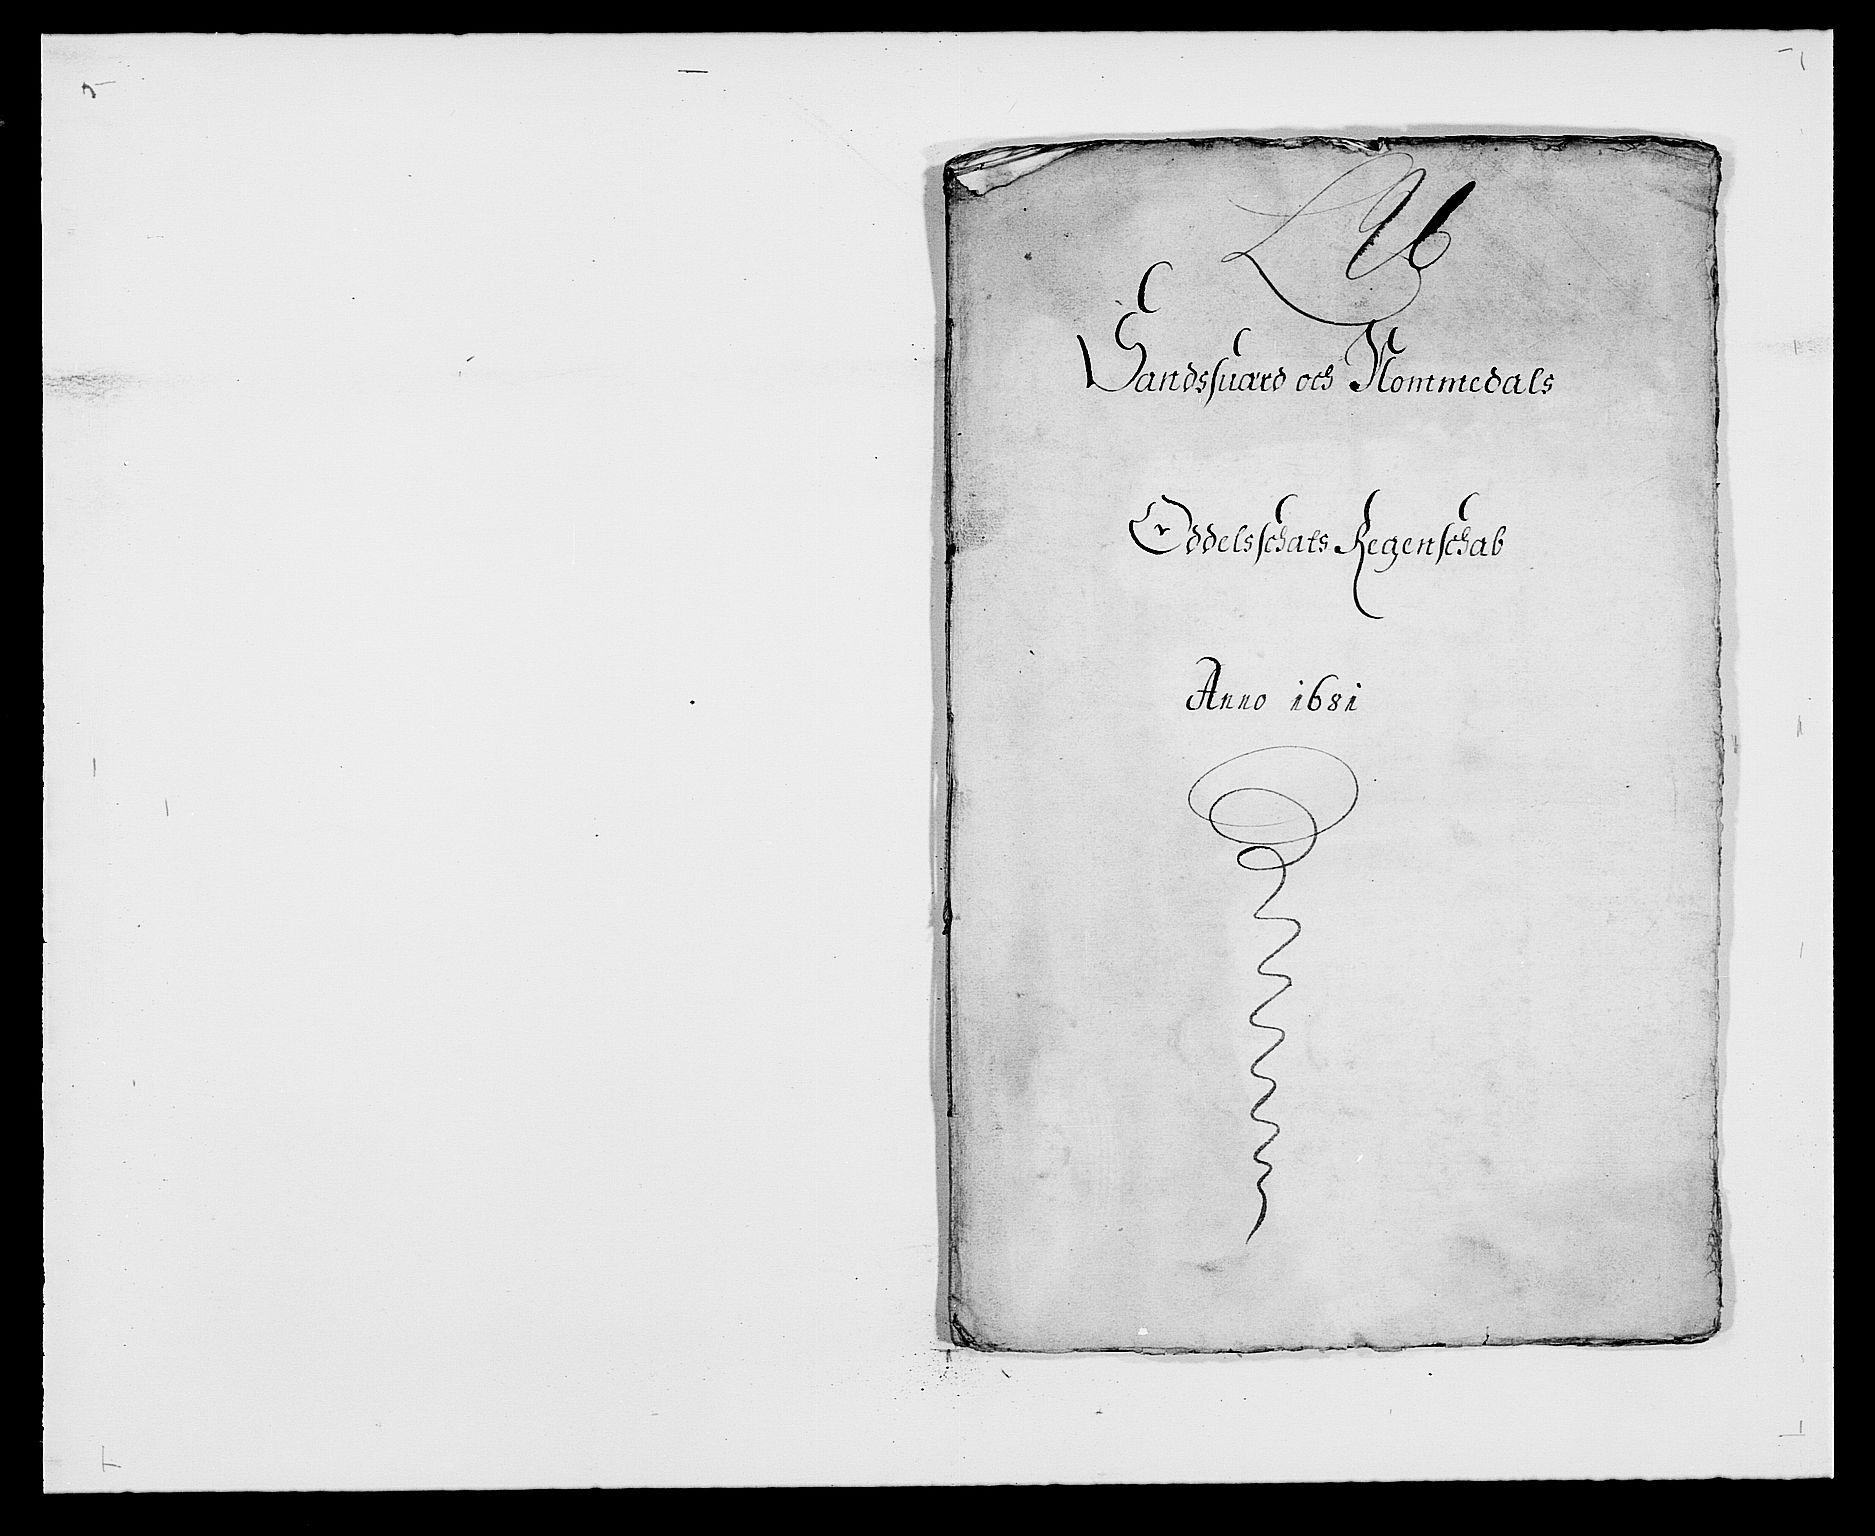 RA, Rentekammeret inntil 1814, Reviderte regnskaper, Fogderegnskap, R24/L1569: Fogderegnskap Numedal og Sandsvær, 1679-1686, s. 340